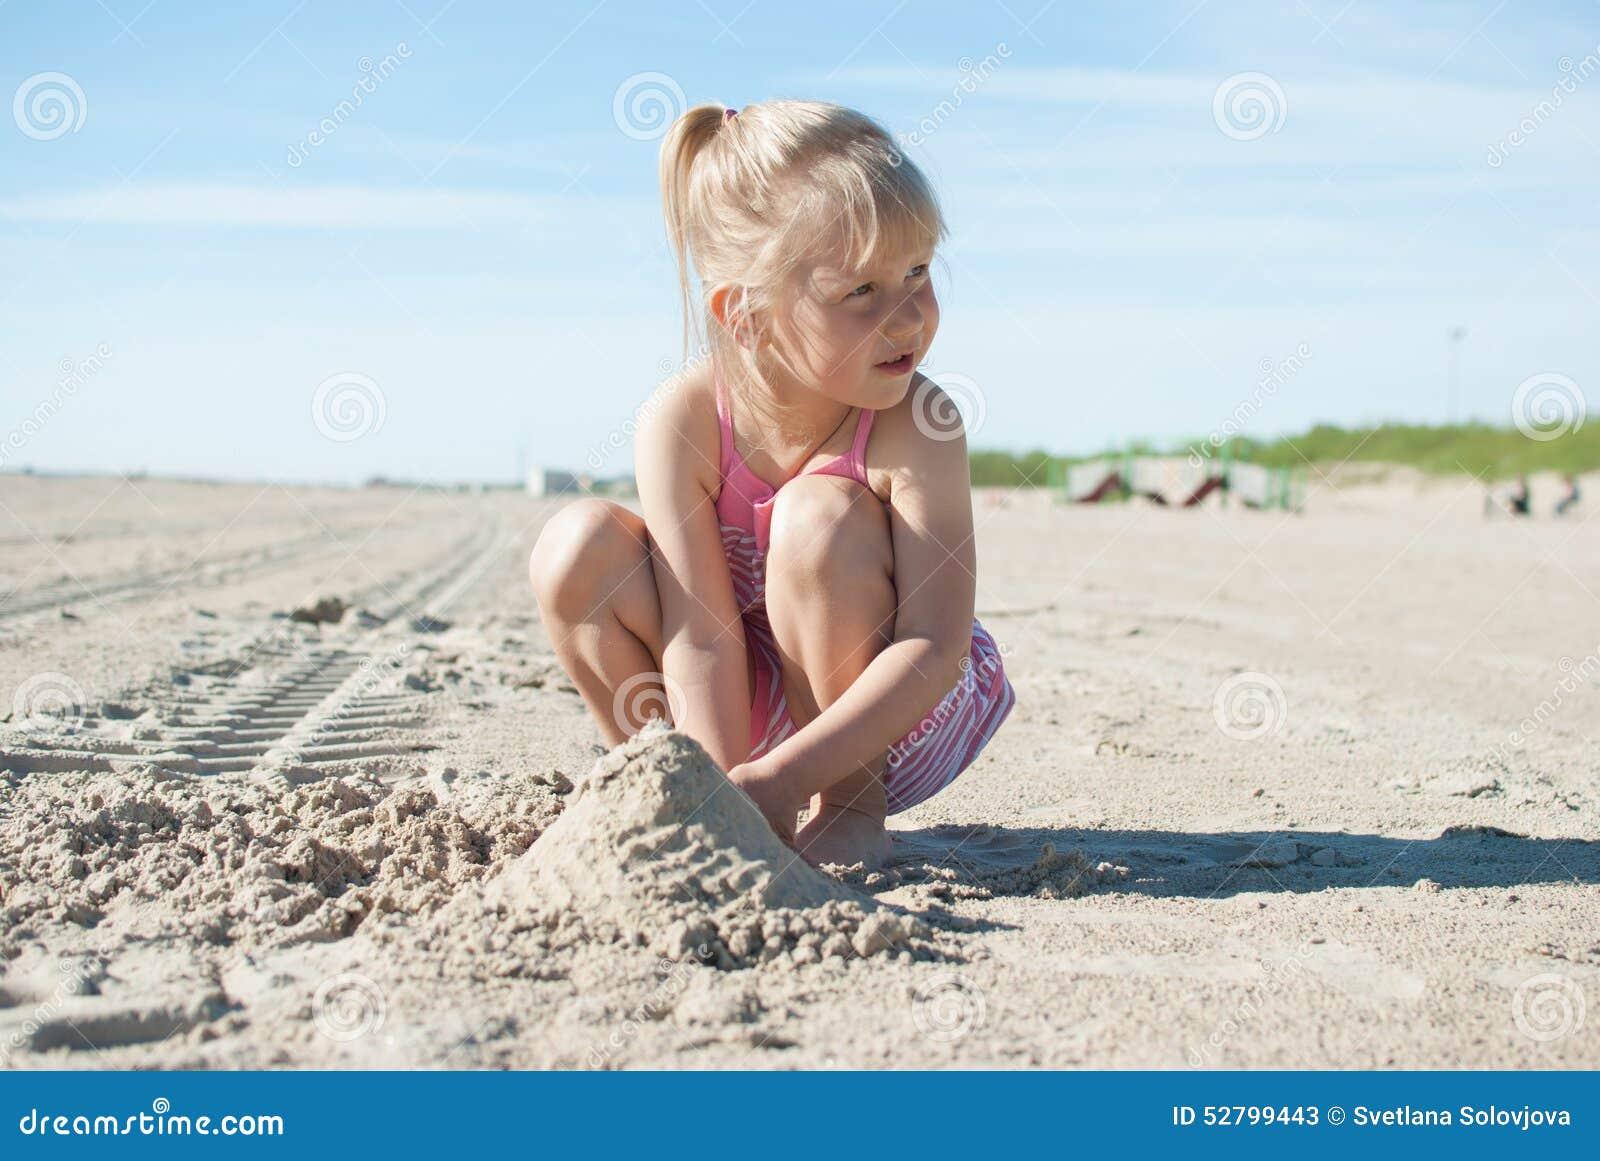 Sand för flickalekstrand